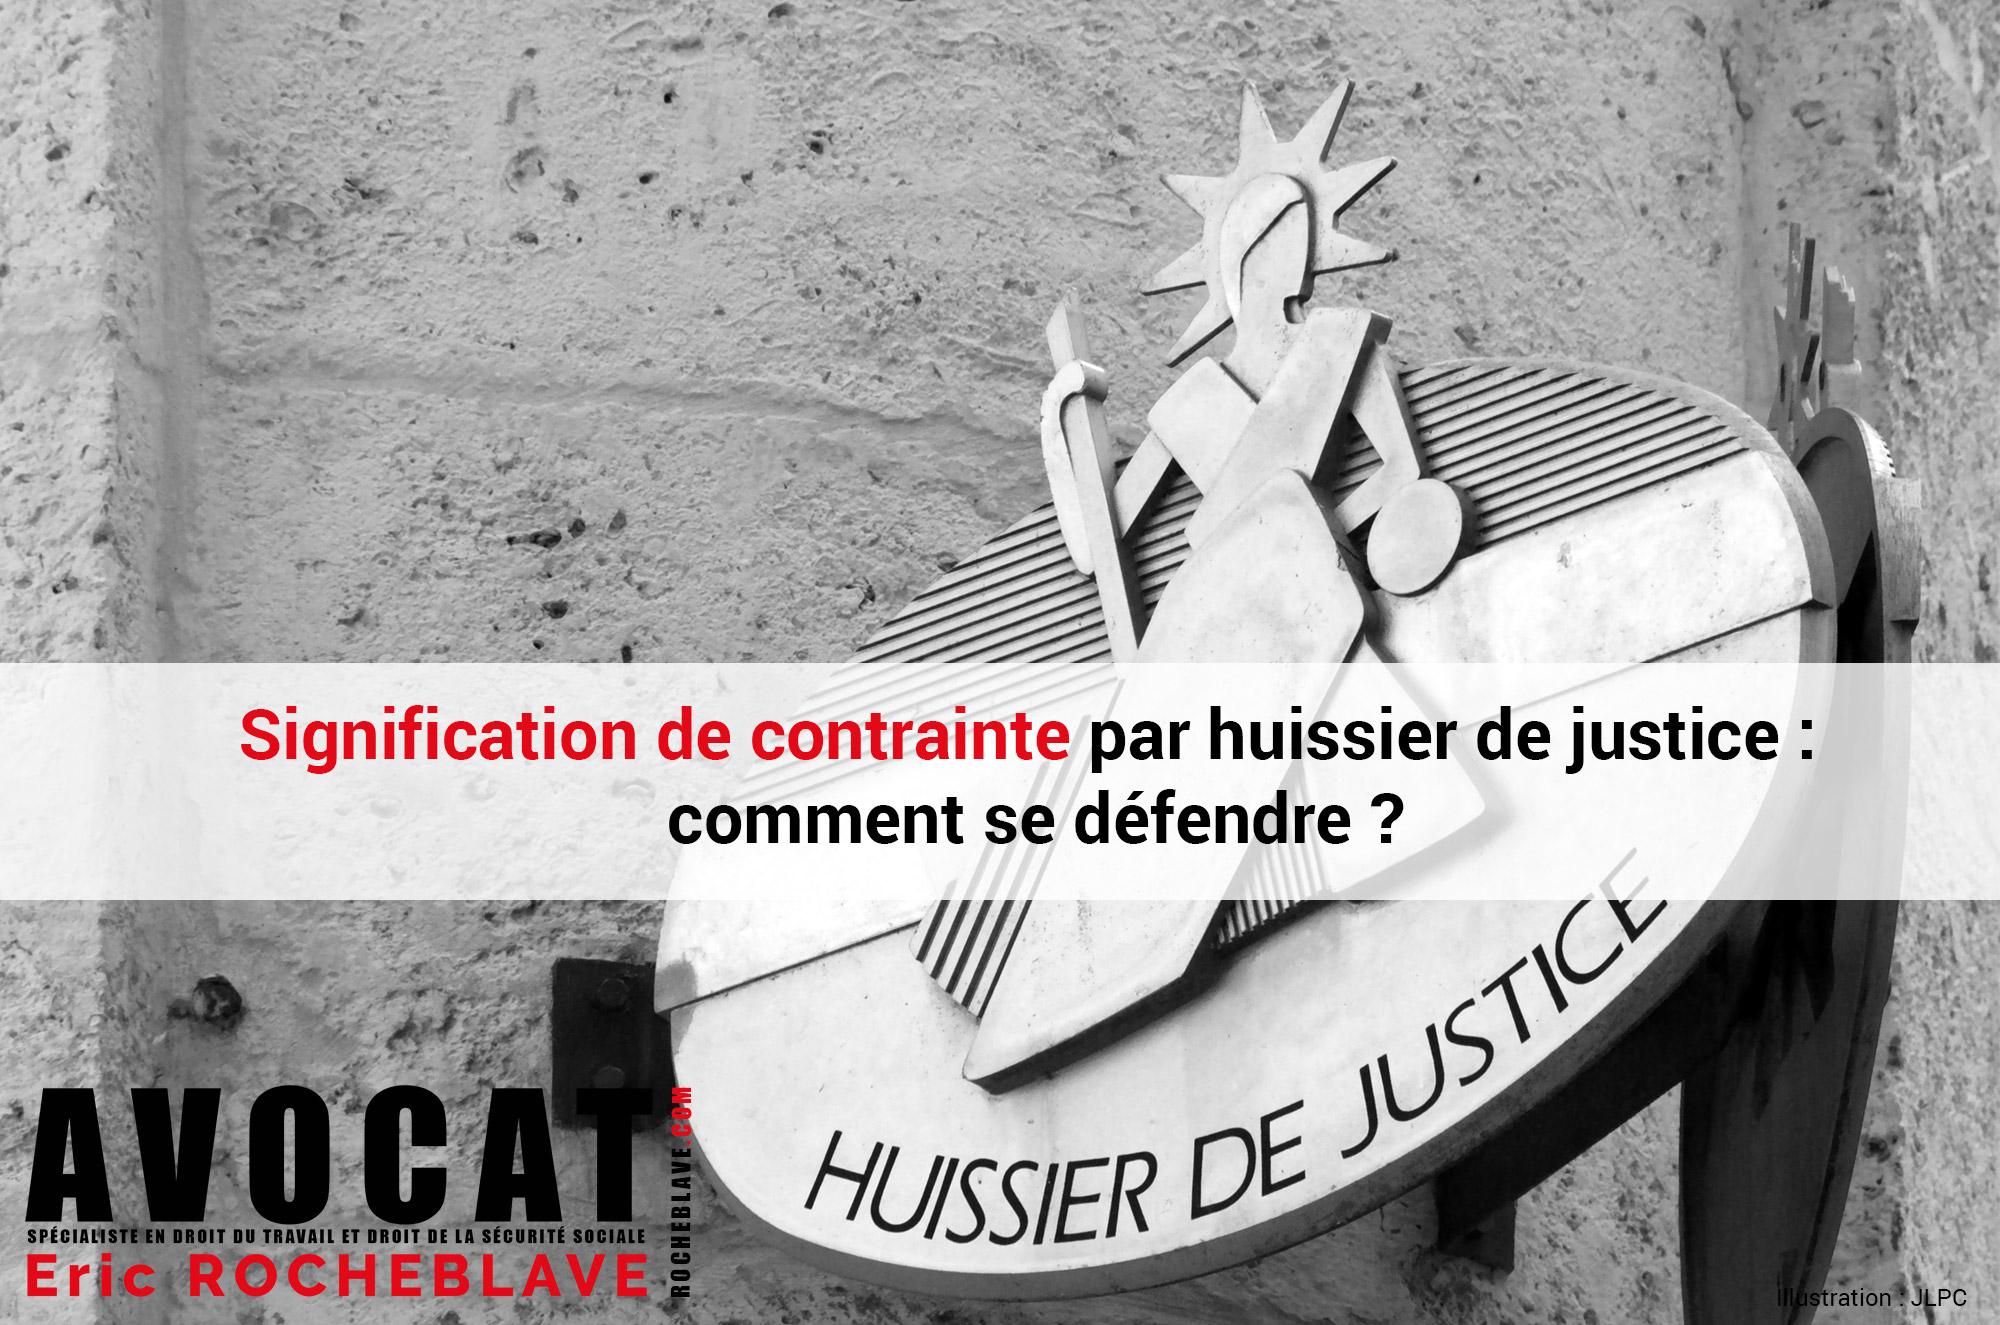 Signification de contrainte par huissier de justice : comment se défendre ?